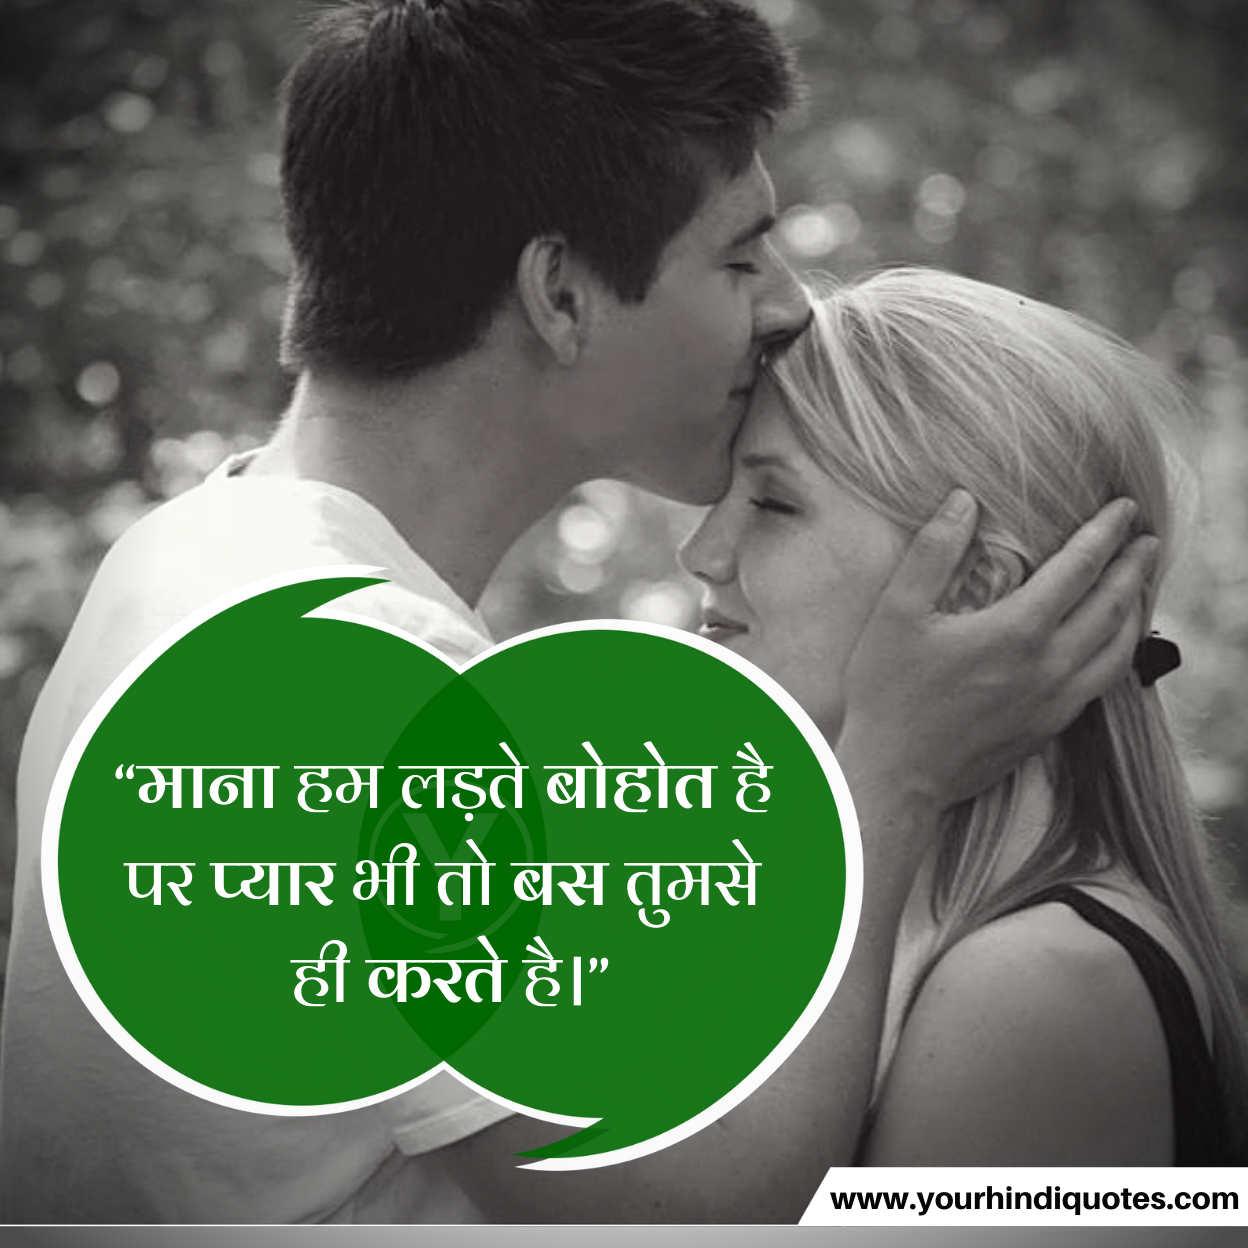 Hindi Love WhatsApp Status Pictures